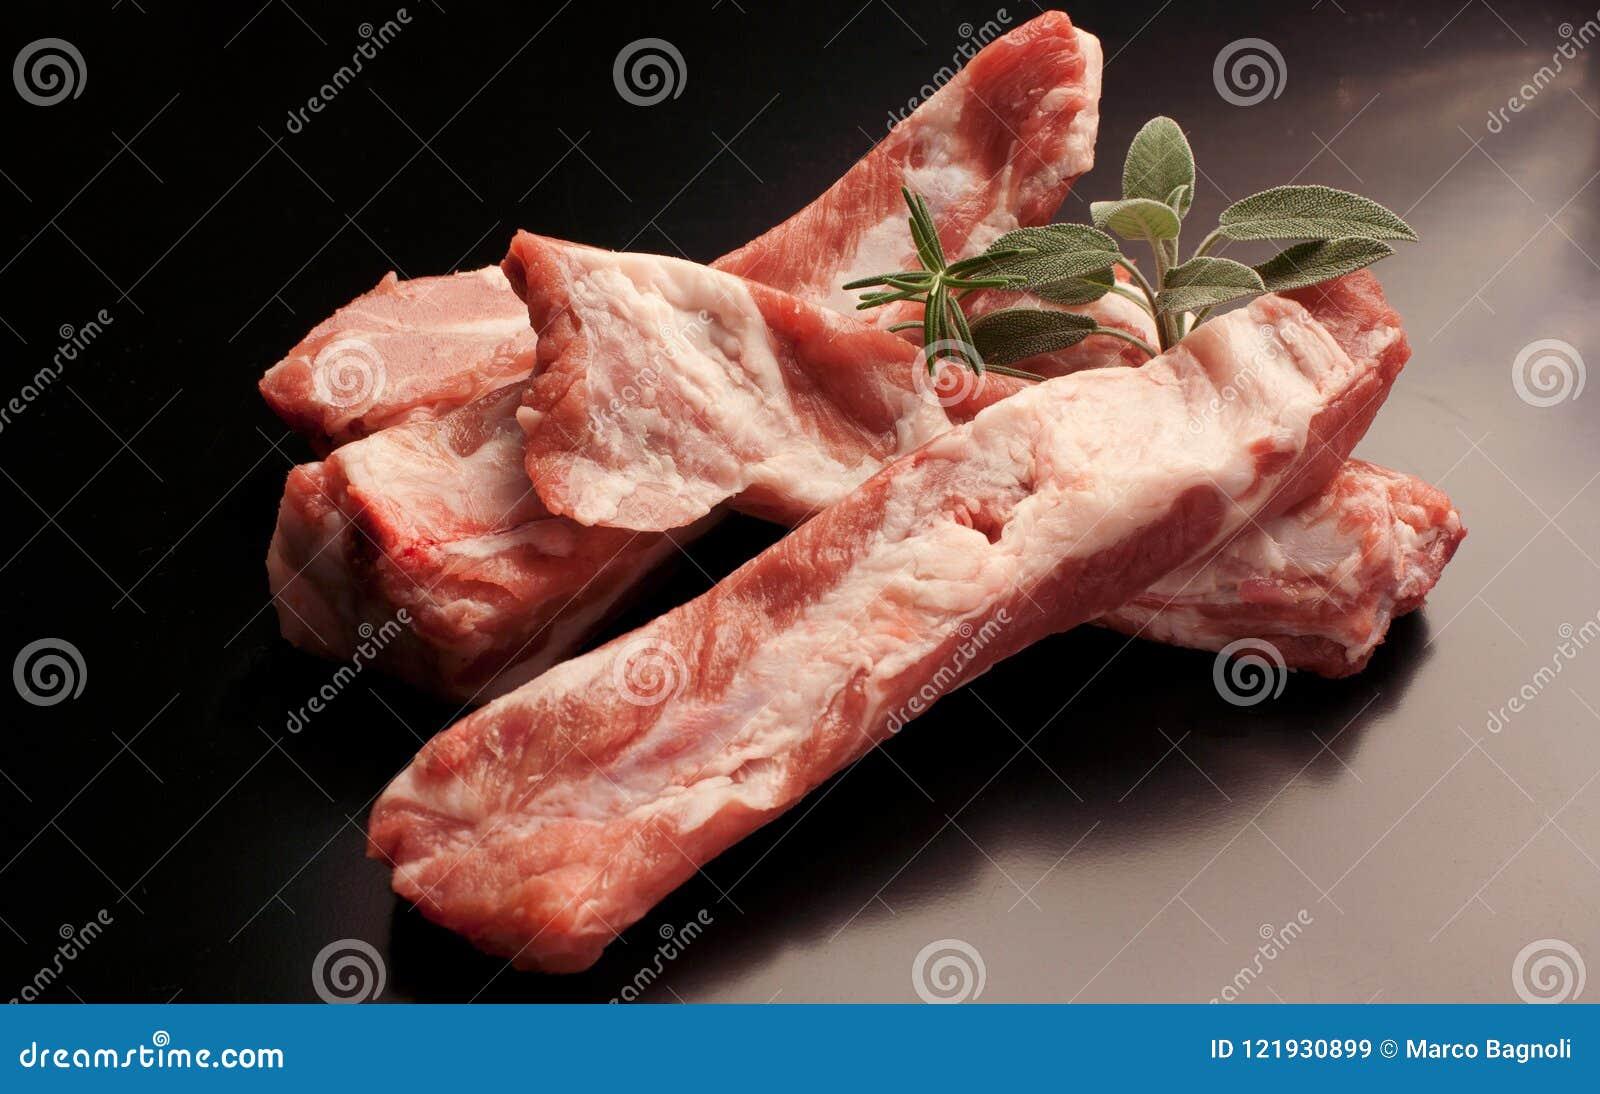 Reforços de carne de porco crus - carne crua